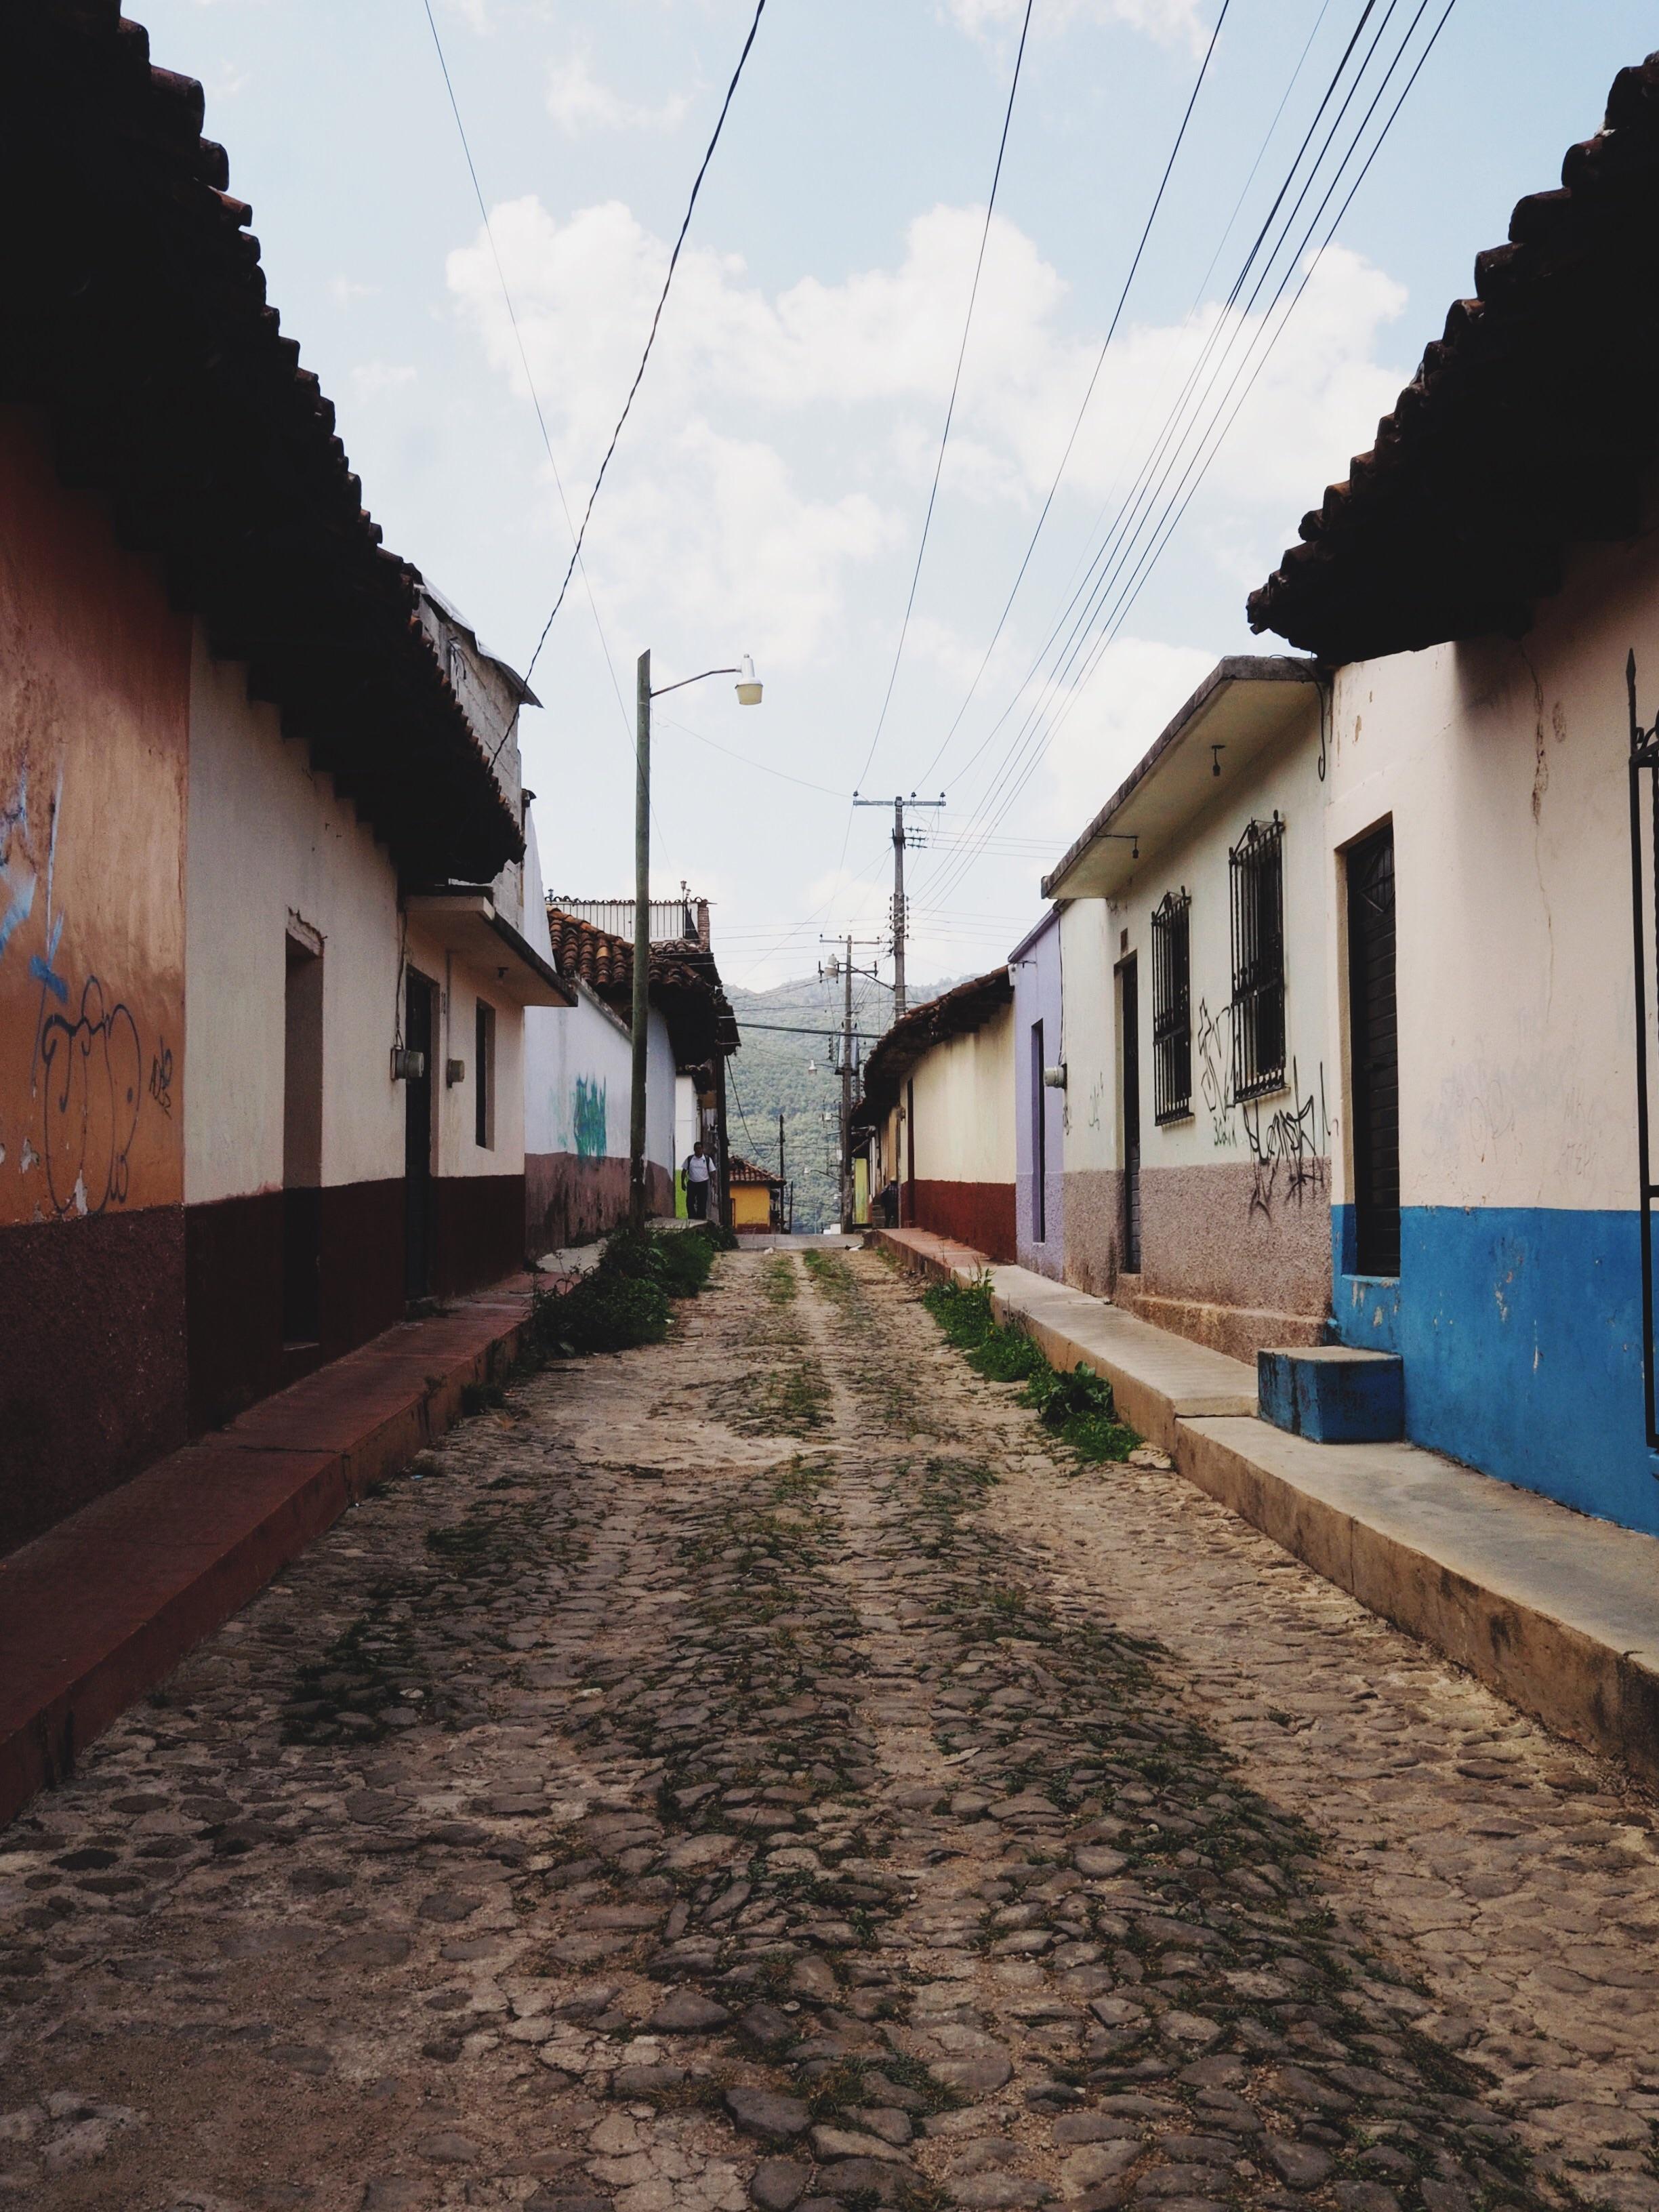 Tiny cobblestone streets